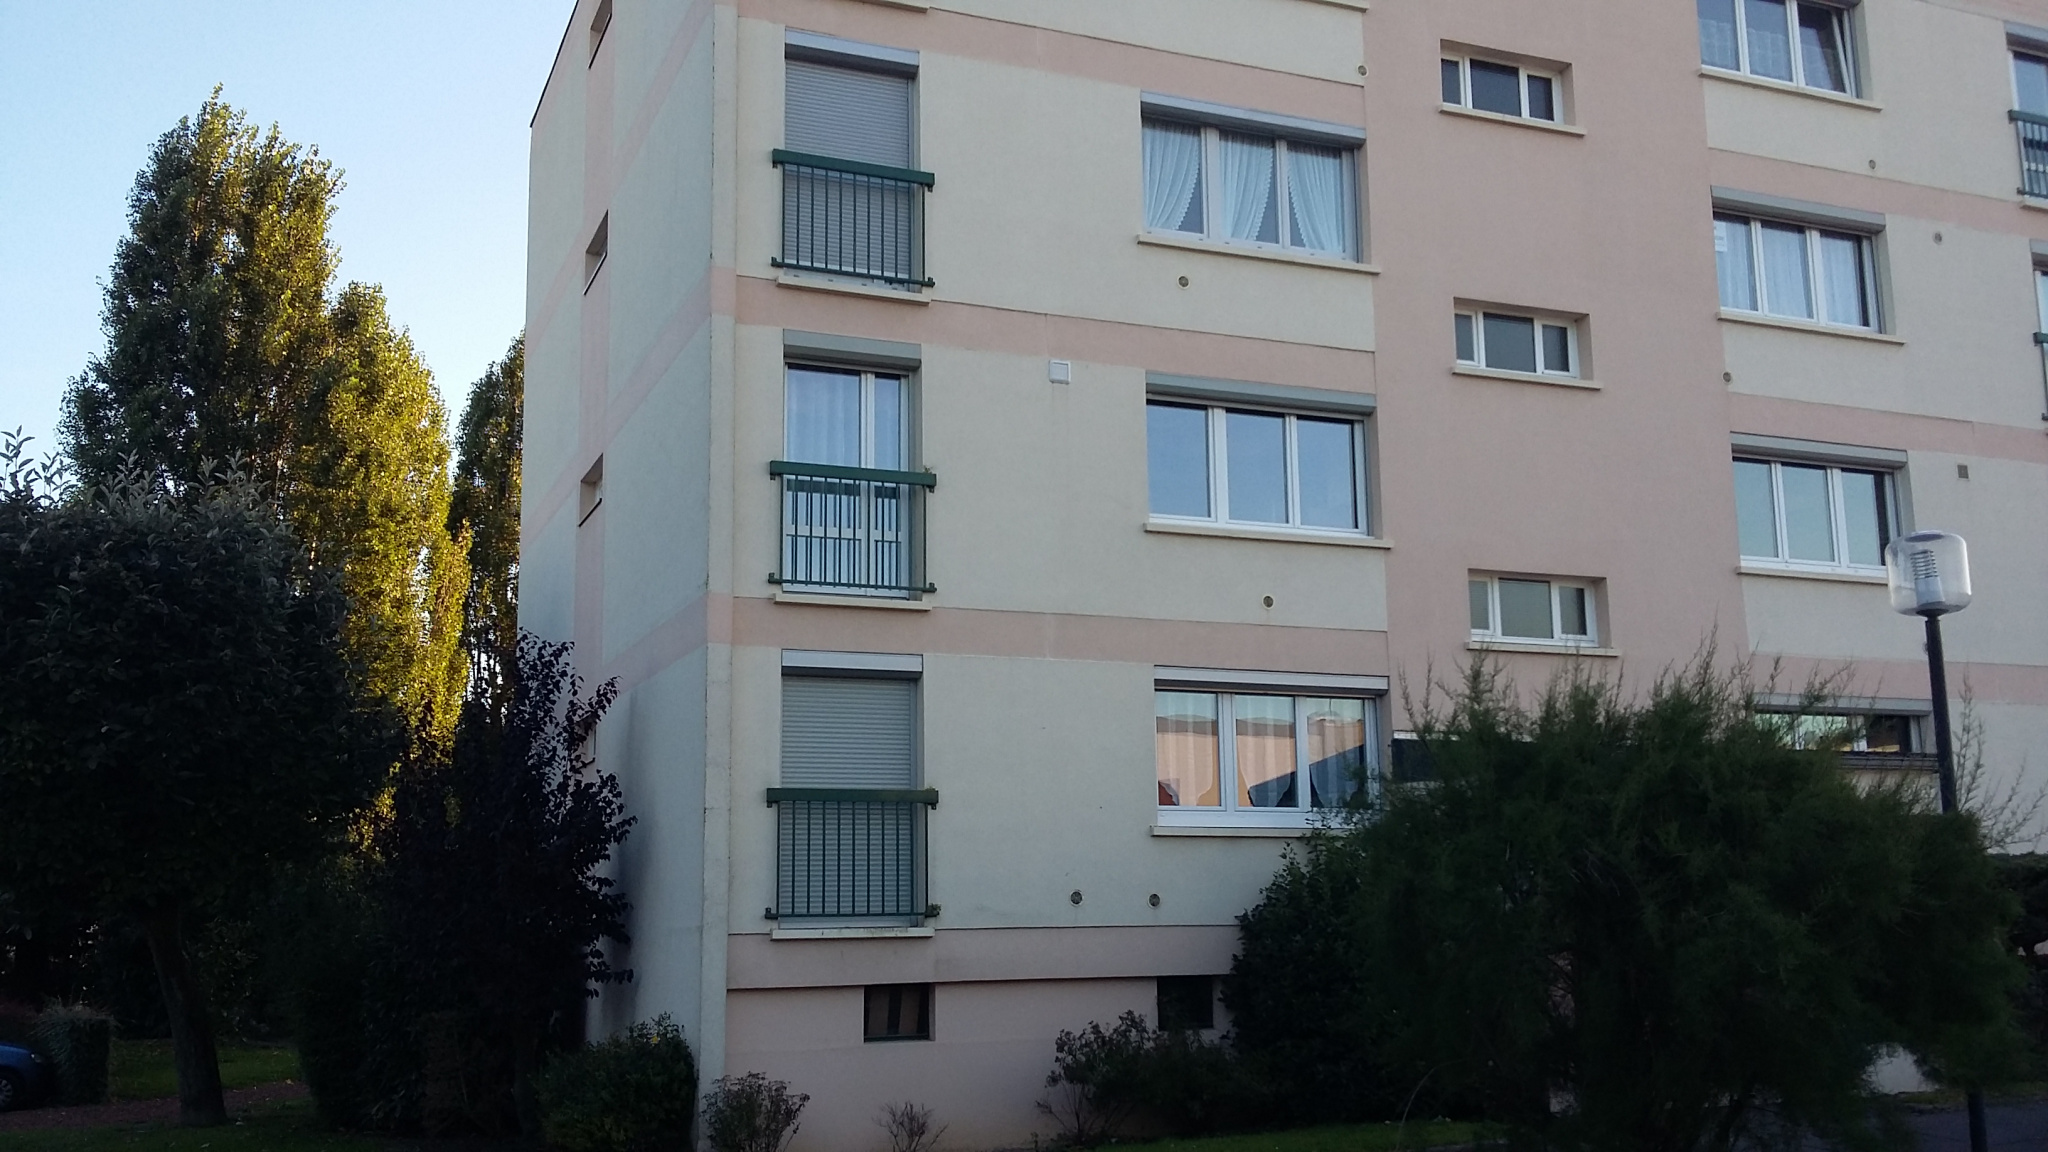 Vente appartement 6 pièces abbeville 80100